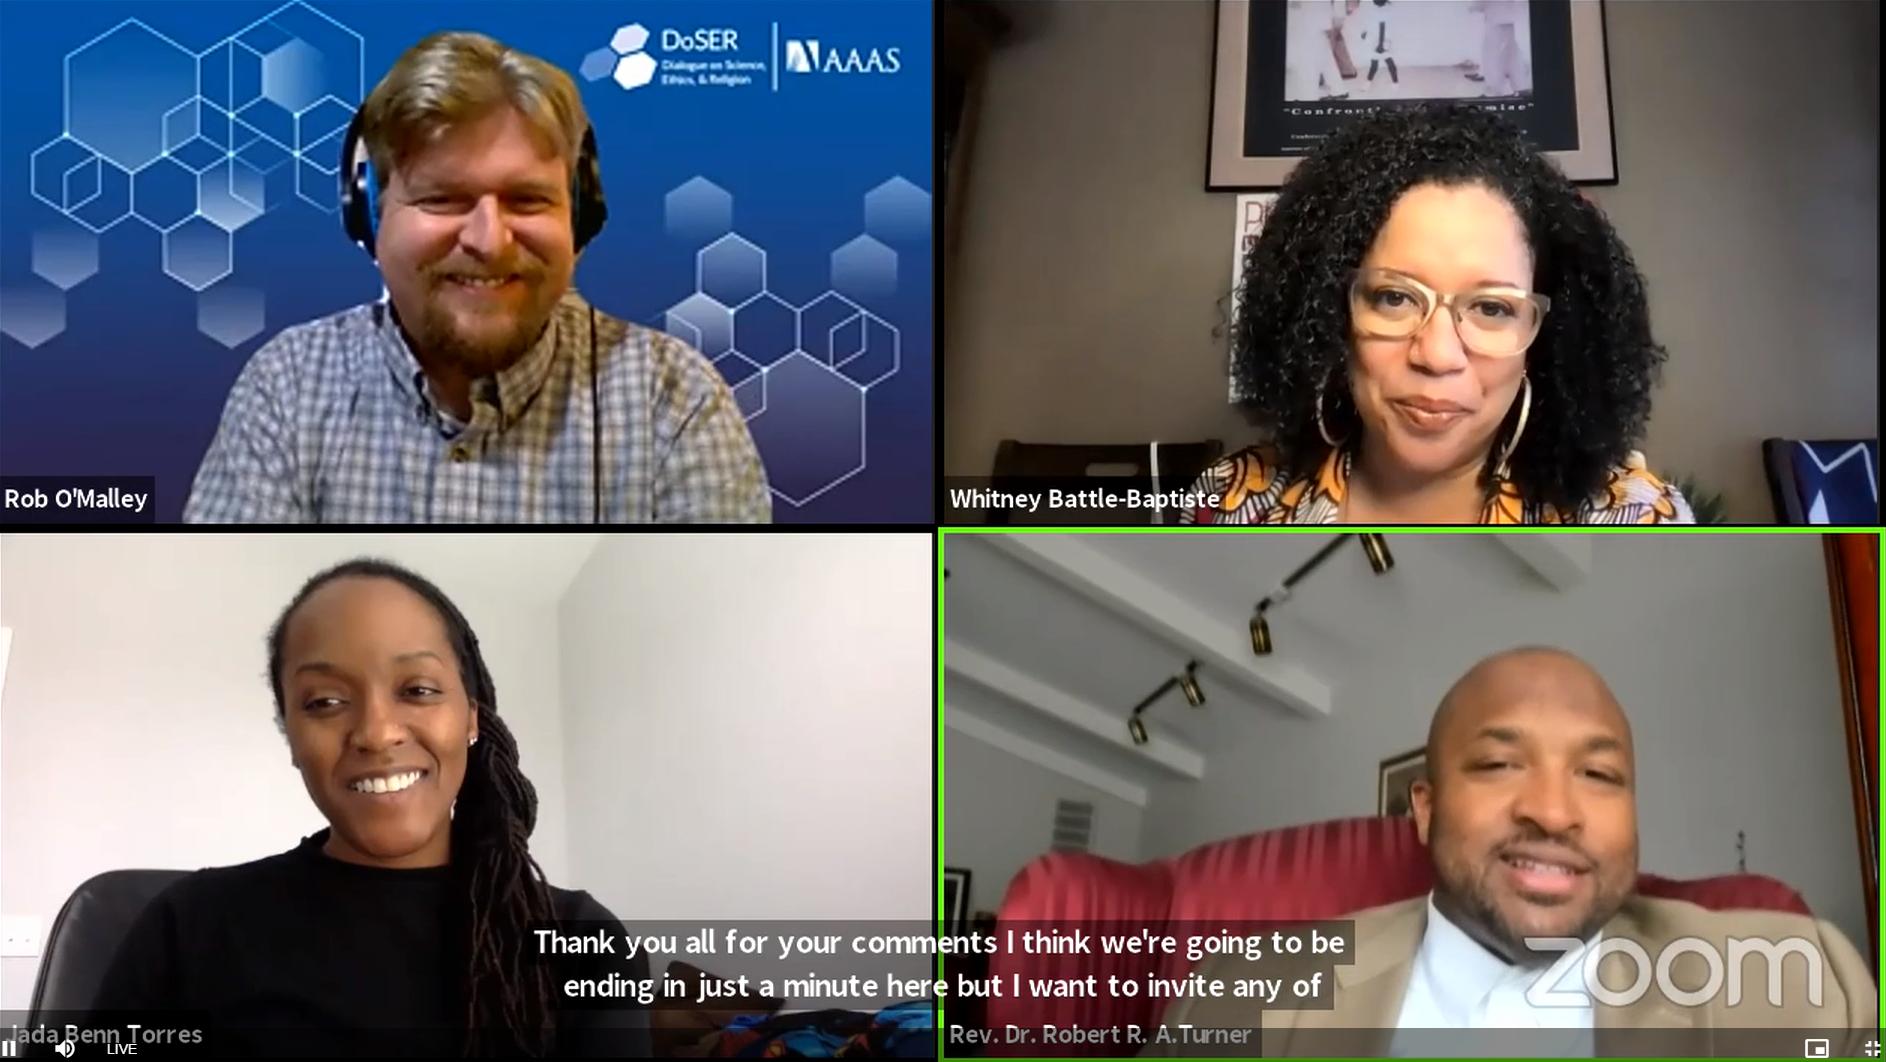 Zoom screenshot of Dr. Rob O'Malley, Dr. Whitney Battle-Baptiste, Dr. Jada Benn Torres, and Rev. Dr. Robert R. A. Turner